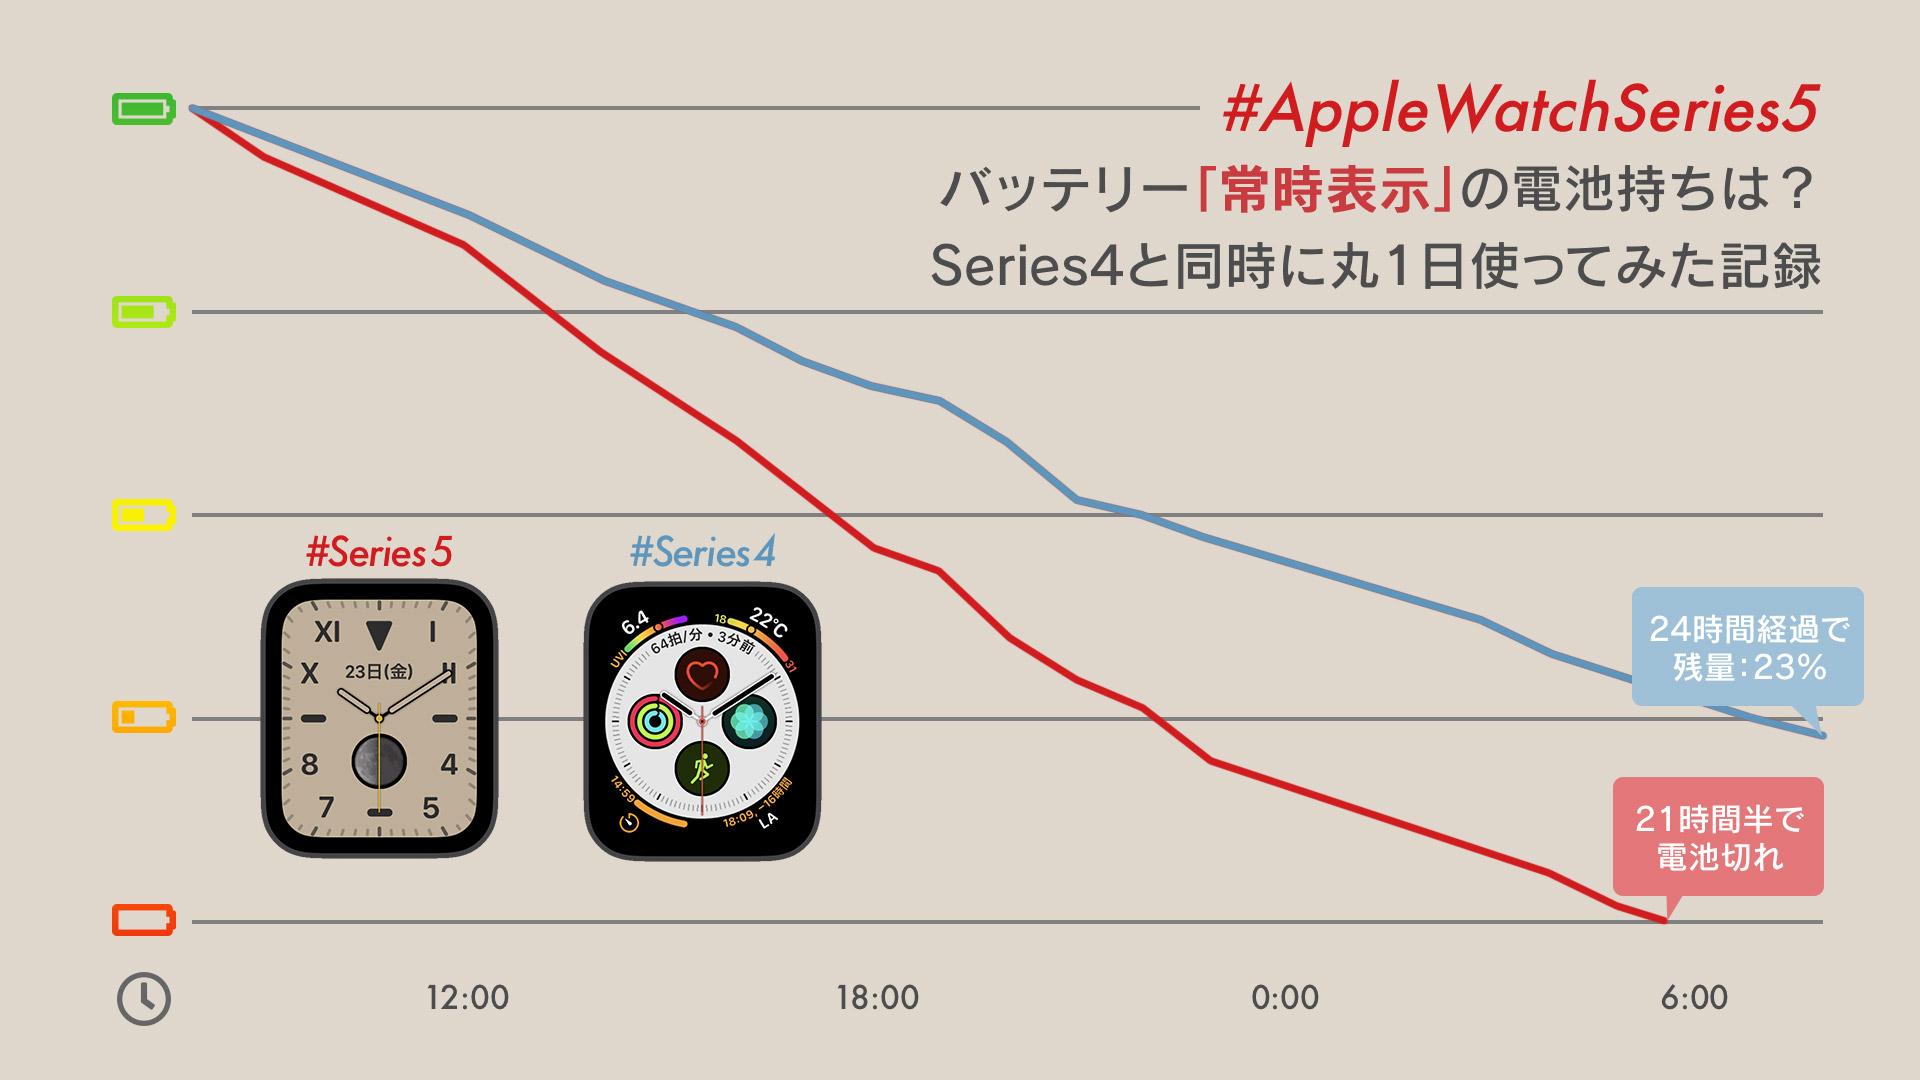 【検証】Apple Watch Series 5の「常時表示」のバッテリー持ちを、Series 4と比べてみた